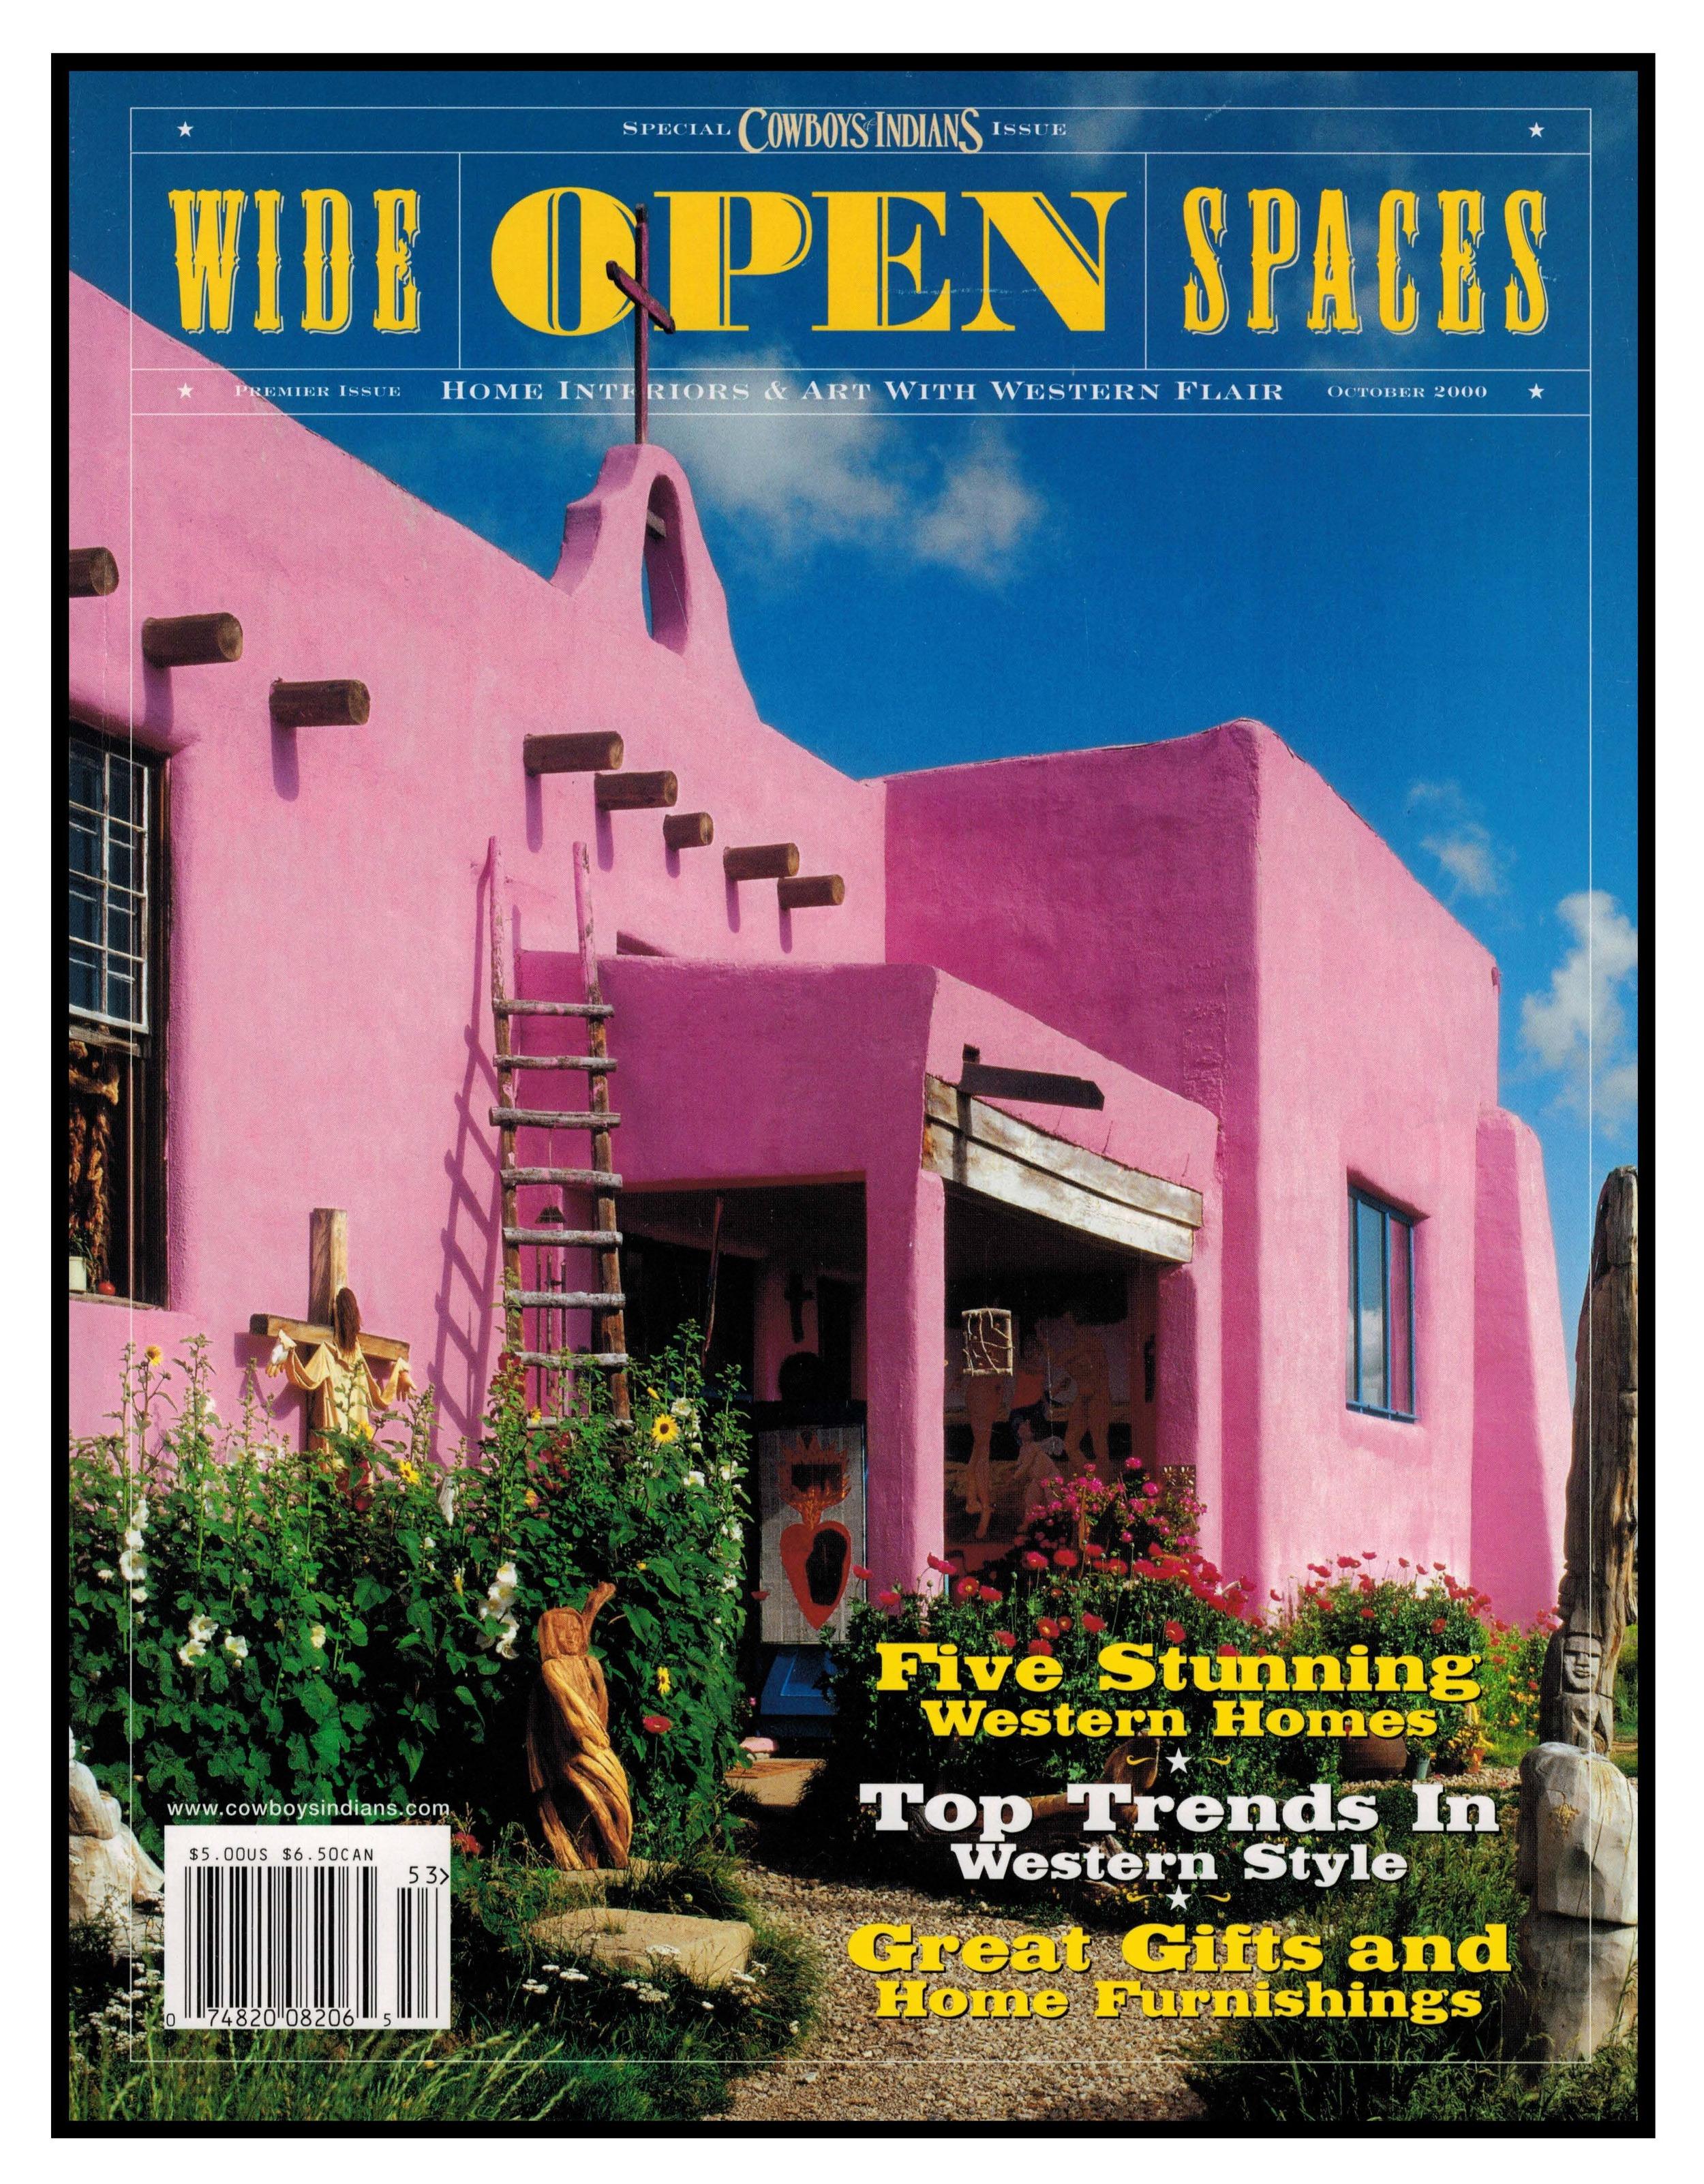 18 Wide Open Spaces-October 2000.jpg